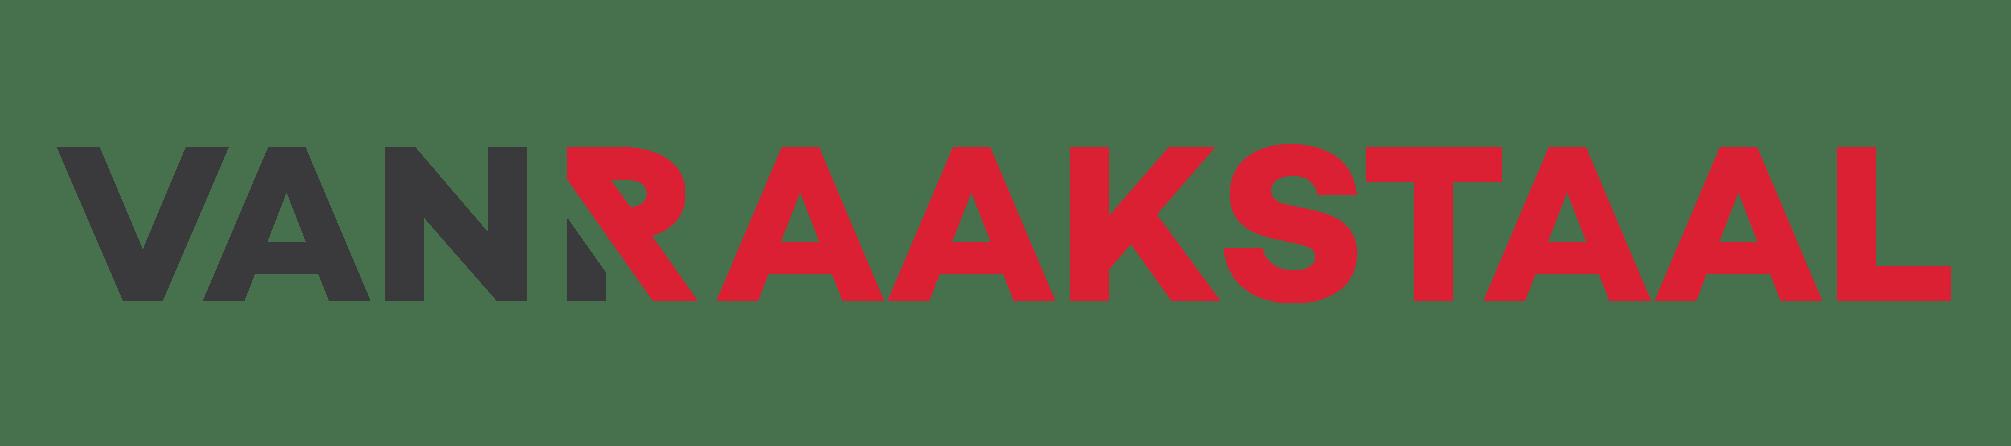 logo_vanraakstaal